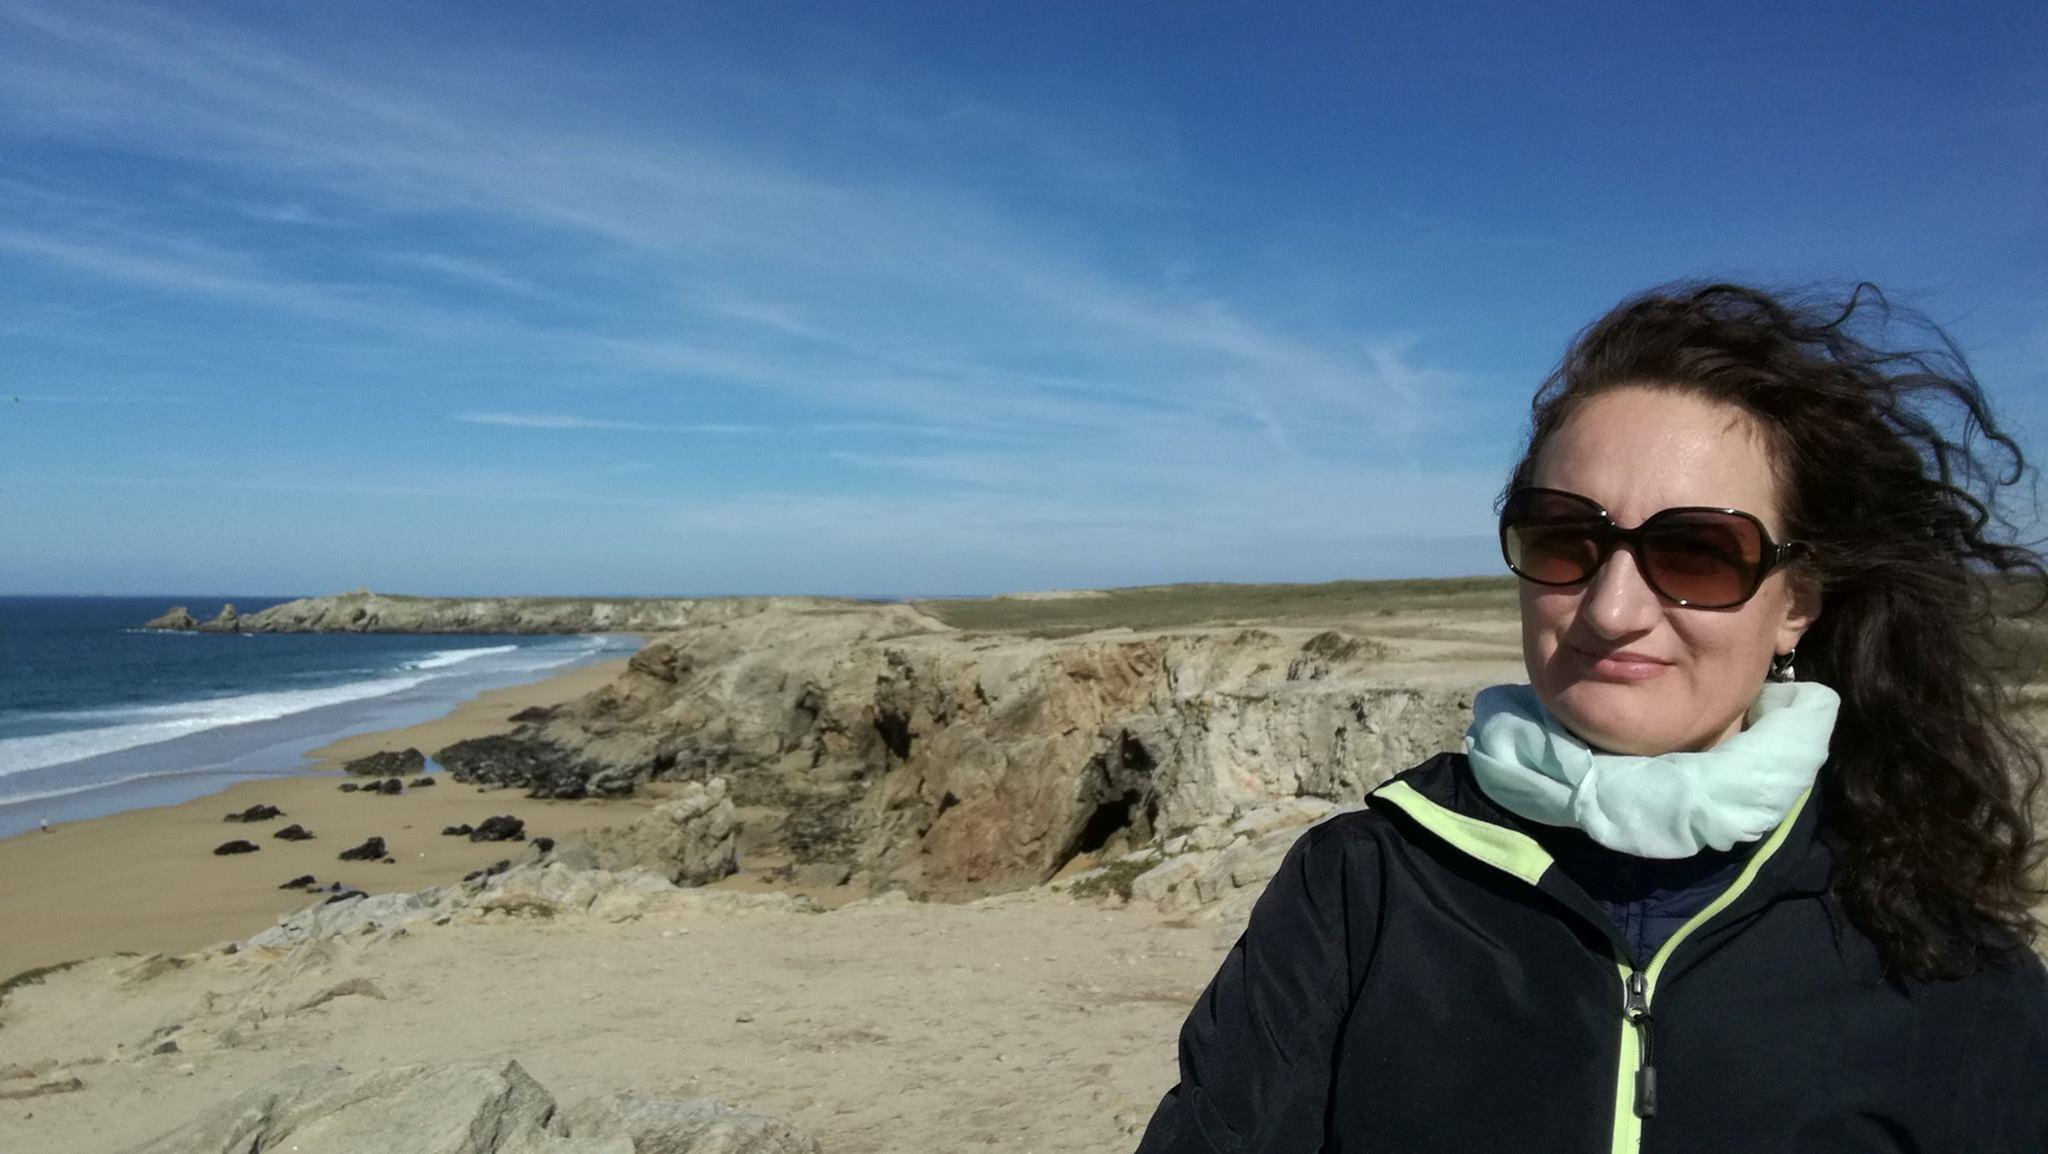 Na pláži. Slunko, ale vítr.